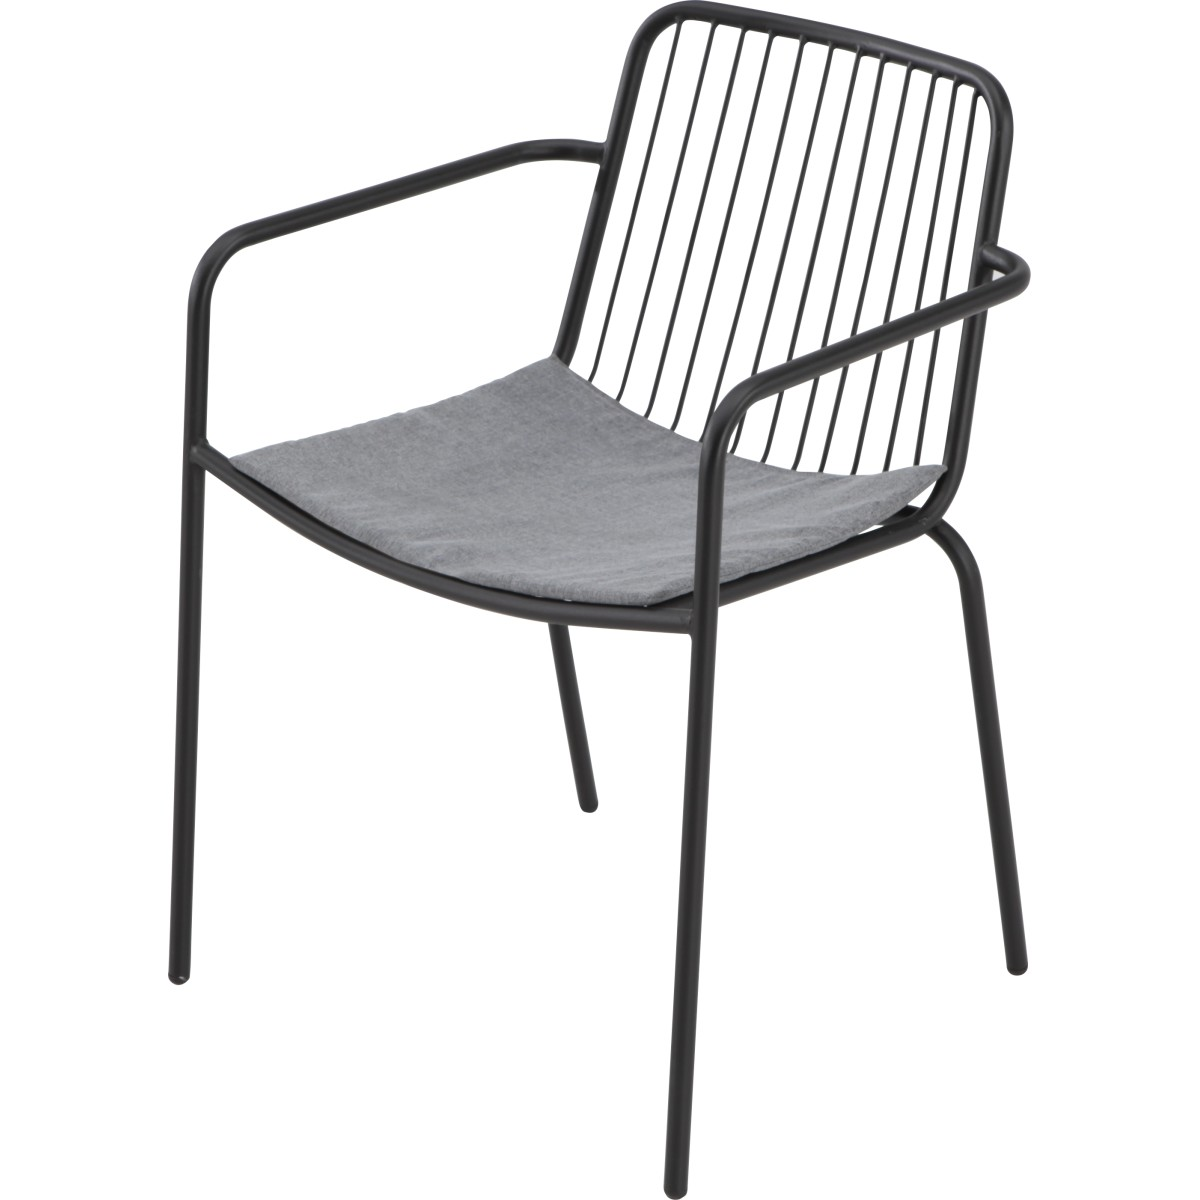 Кресло садовое с подушкой 560x760x540 мм металл цвет черный